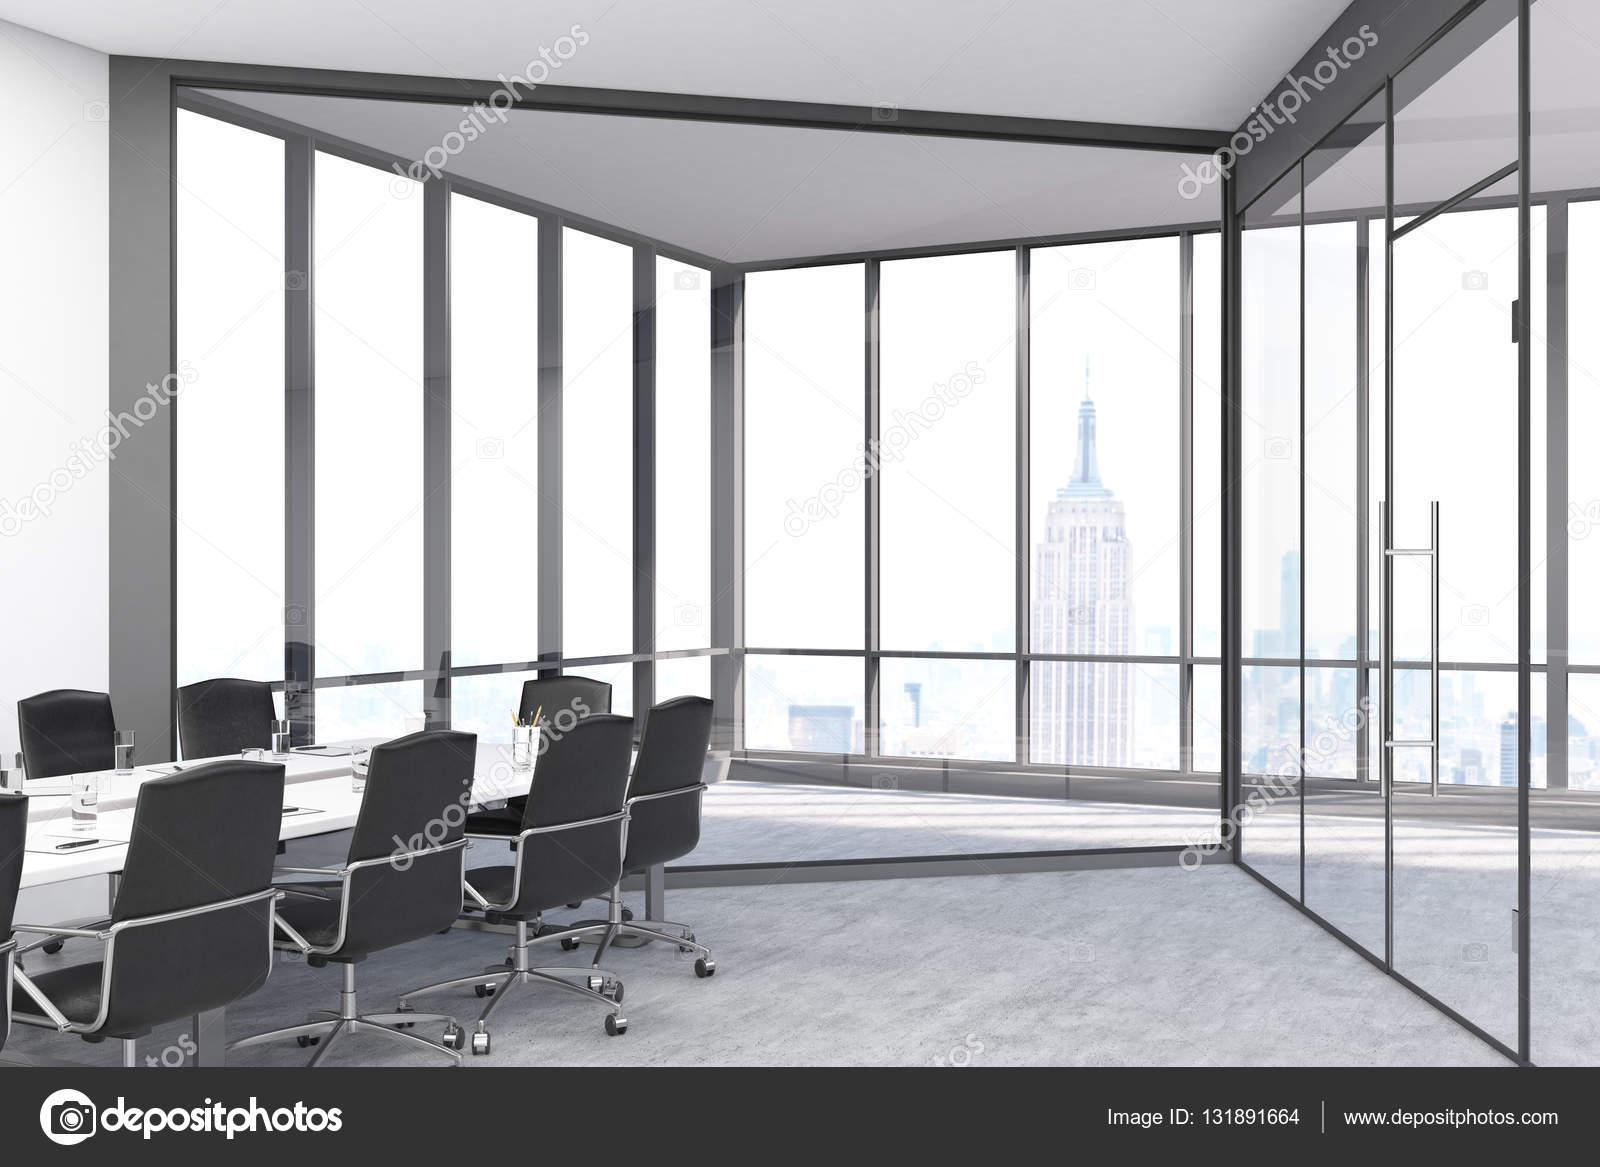 Konferenzraum Mit Panorama Fenster Und Türen In Einem Großstadt Büro. Langer  Tisch Ist Umgeben Von Stühlen. 3D Rendering U2014 Foto Von Denisismagilov